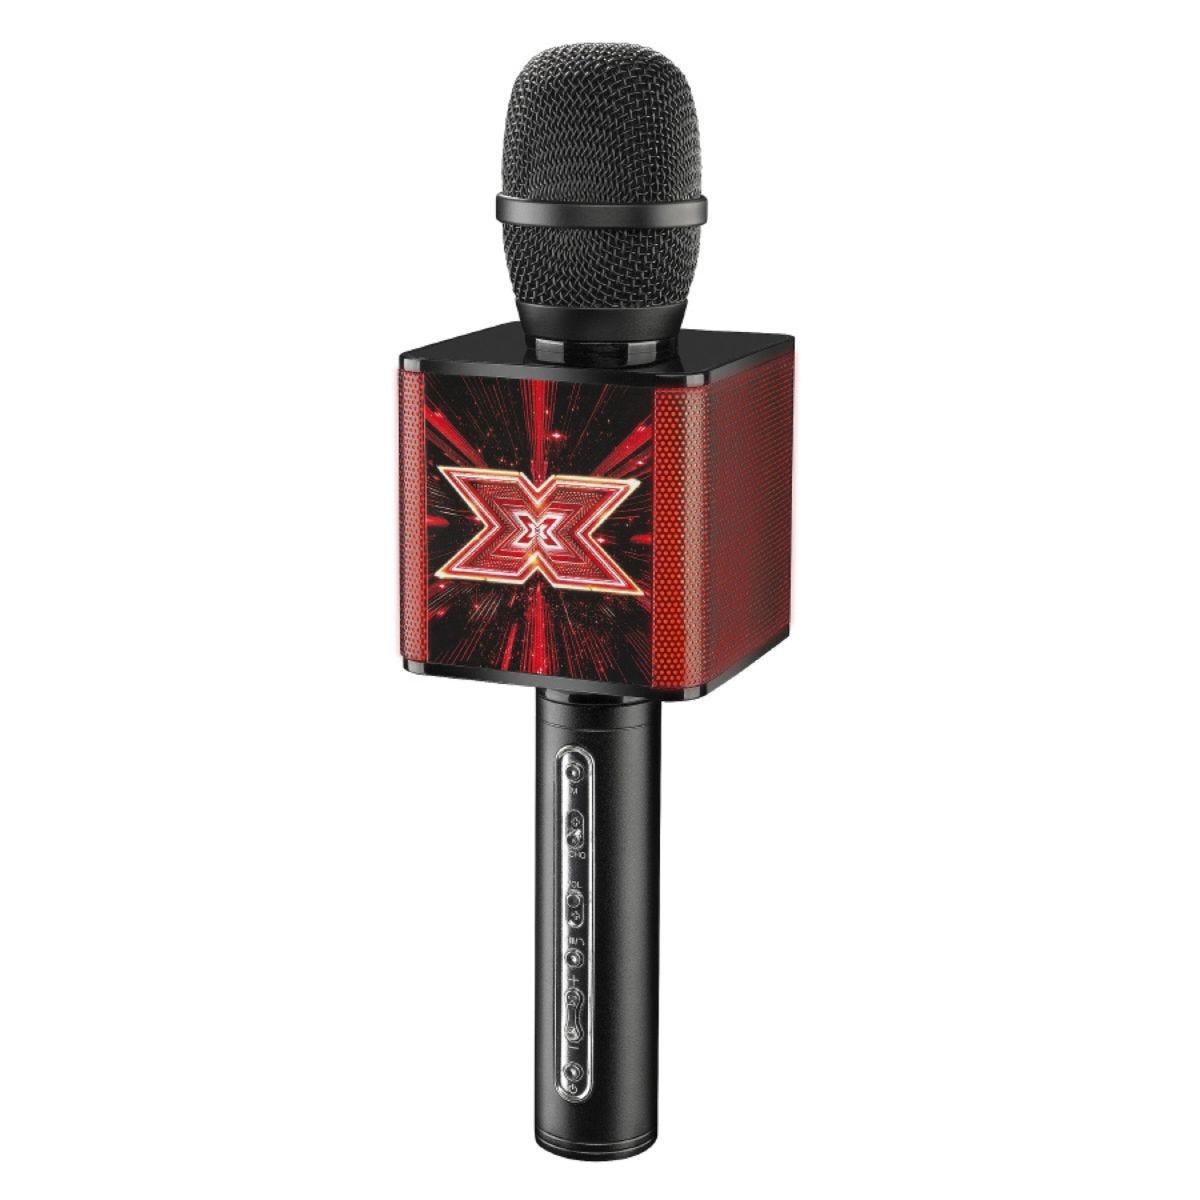 X-Factor Karaoke Wireless Microphone & Bluetooth Speaker